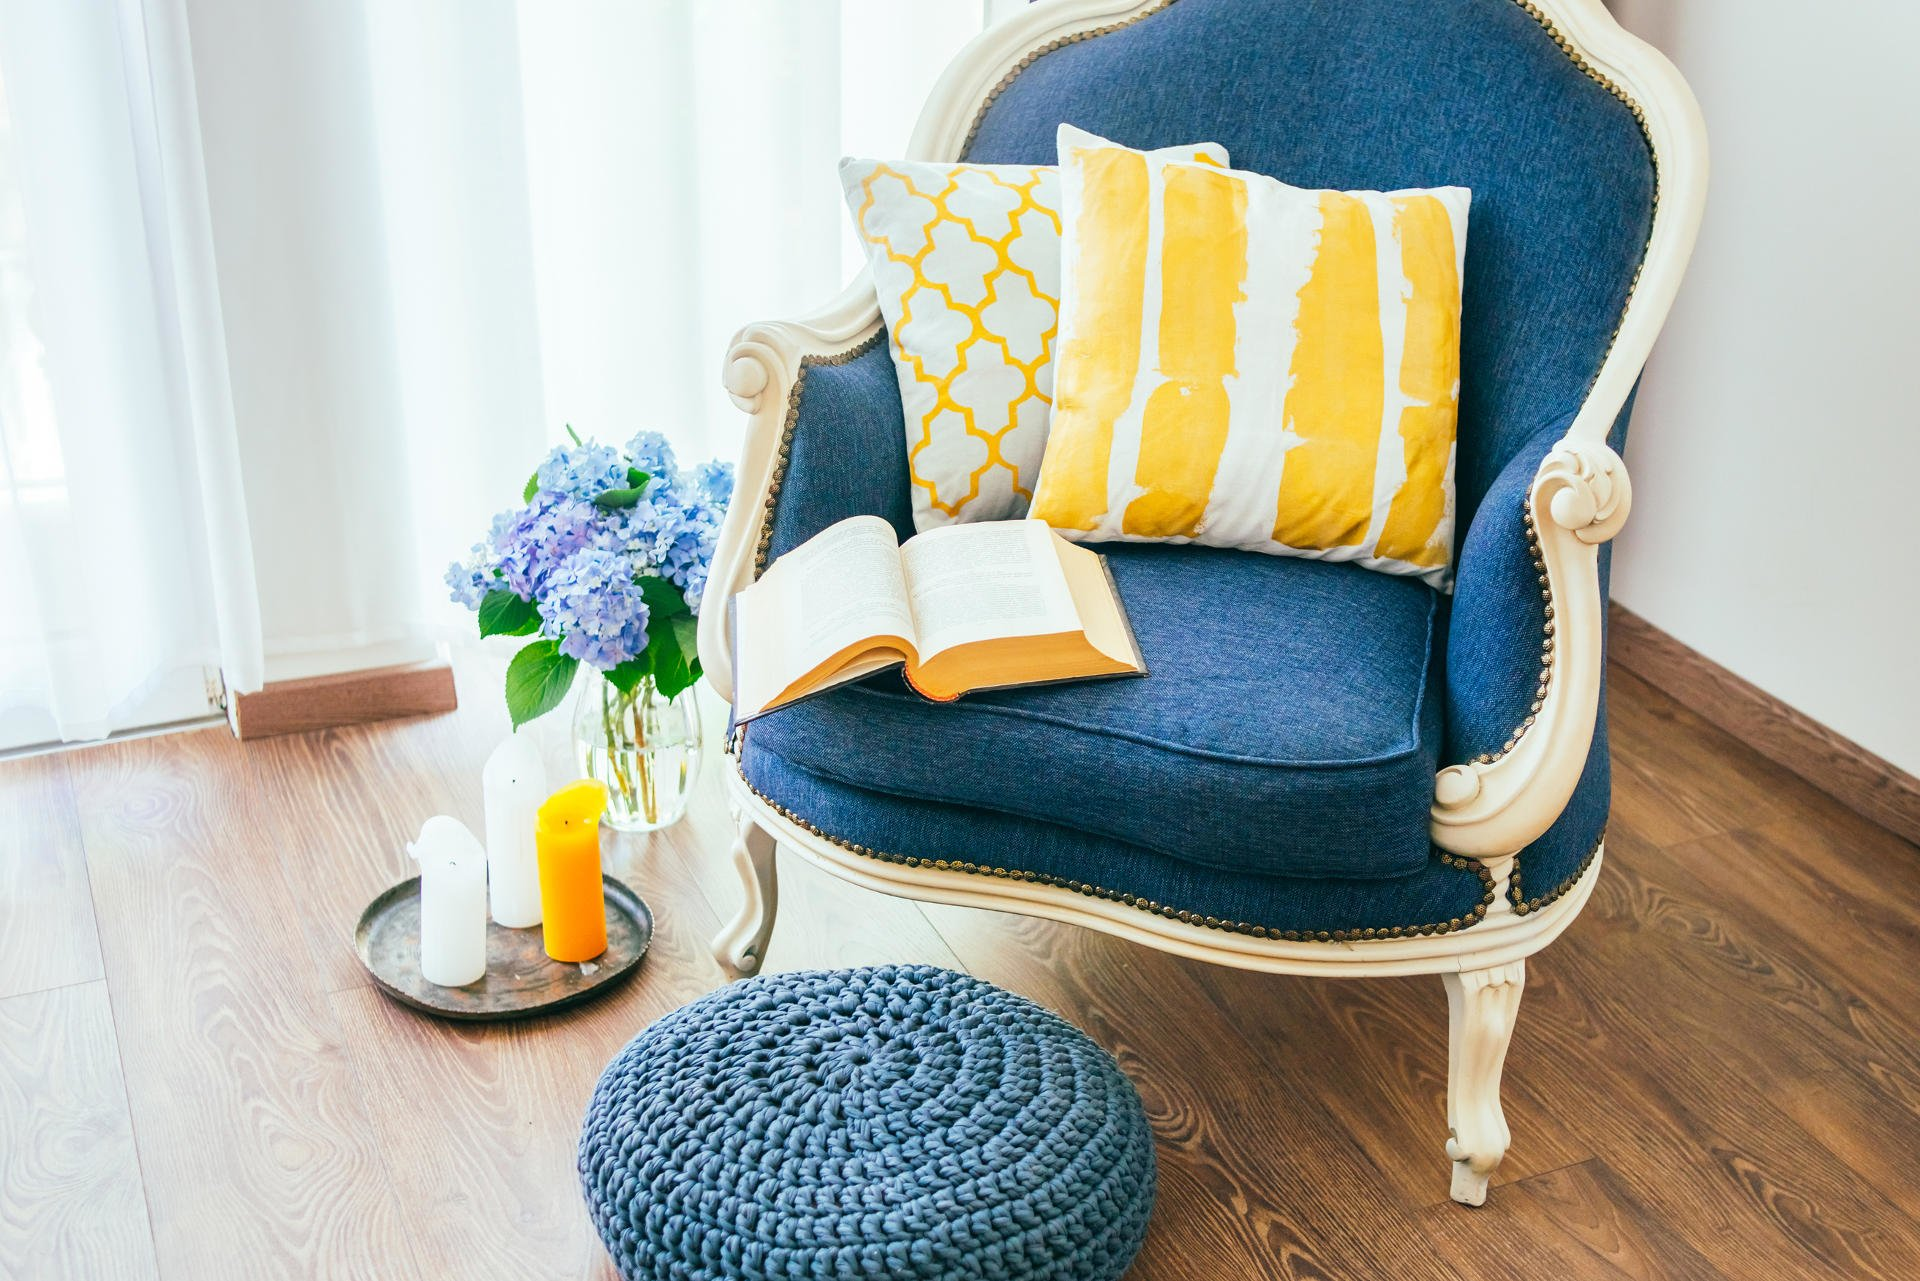 Kolory Do Salonu, Kolorowe obicie klasycznego fotela, przytulny fotel z otwartą książką i dekoracyjnymi poduszkami,koncepcja wystroju wnętrza i domu